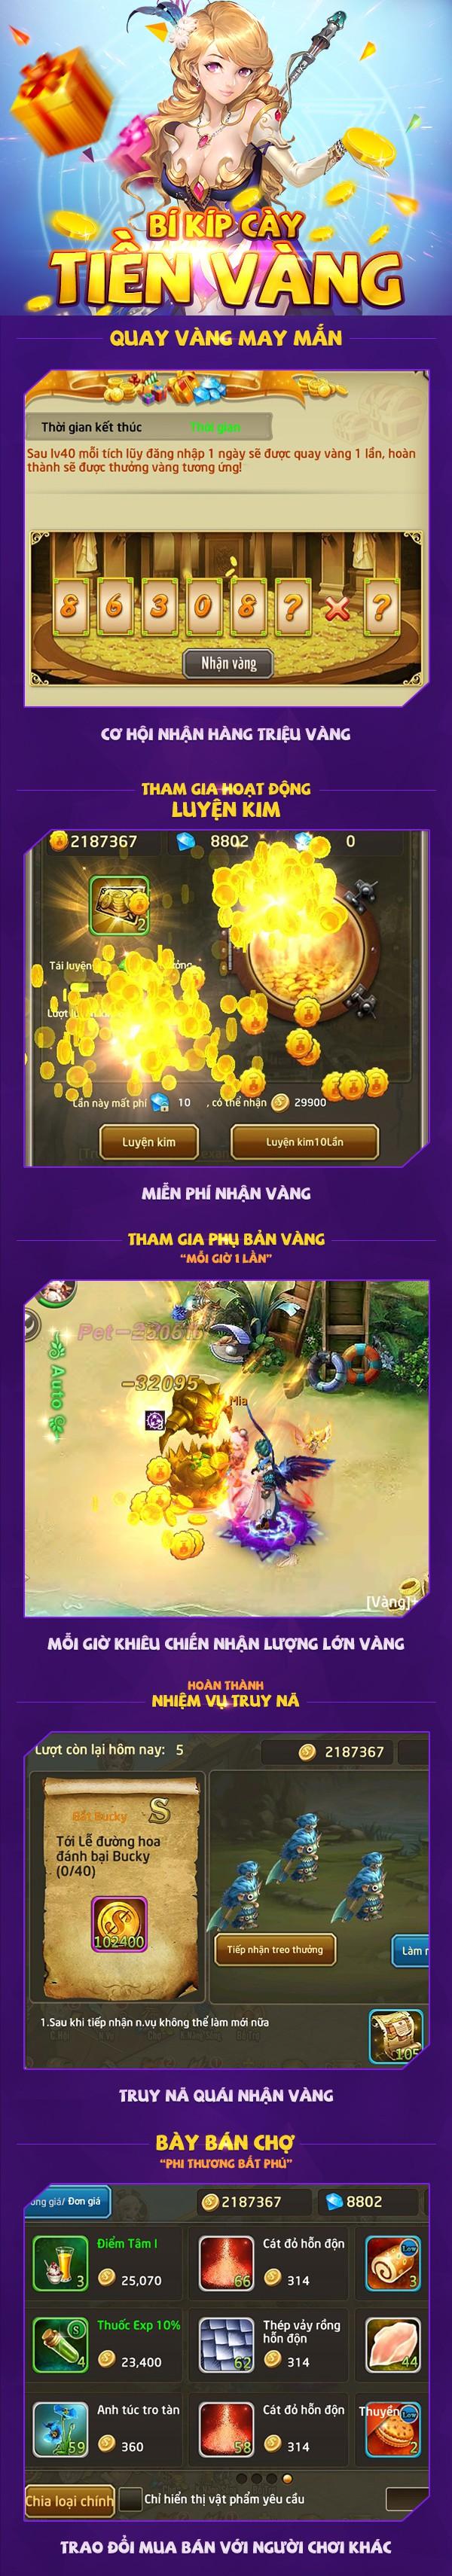 4 mẹo vàng để sống không cần nạp trong Lục Địa 2 - gMO Hàn Quốc 99% tính năng đều liên server vừa ra mắt - Ảnh 3.